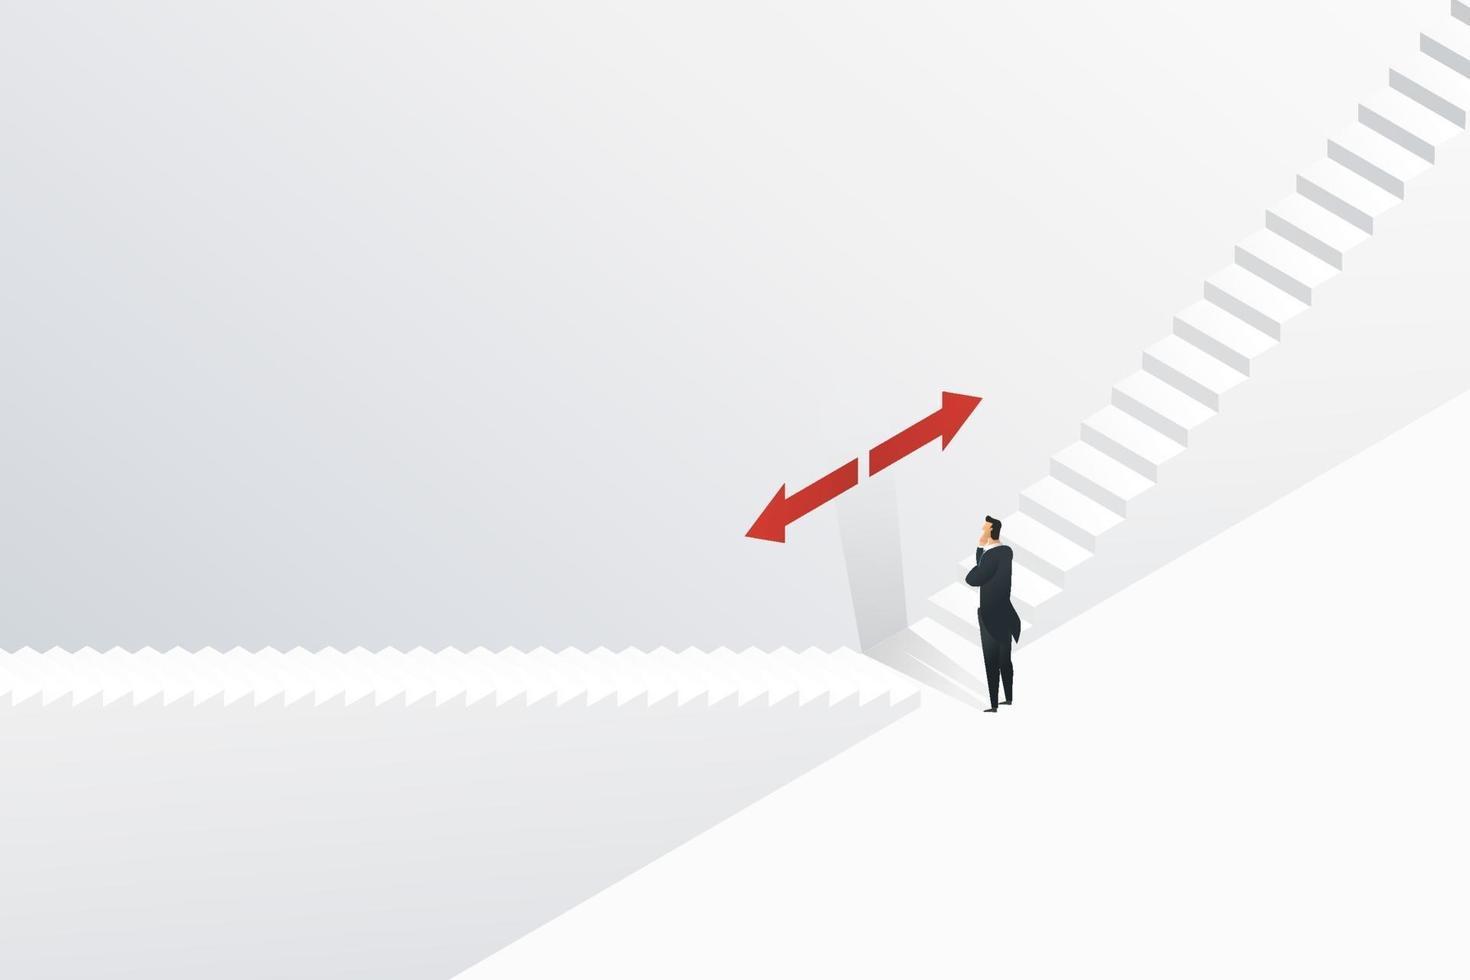 empresário confunde para escolher em qual direção subir as escadas. vetor